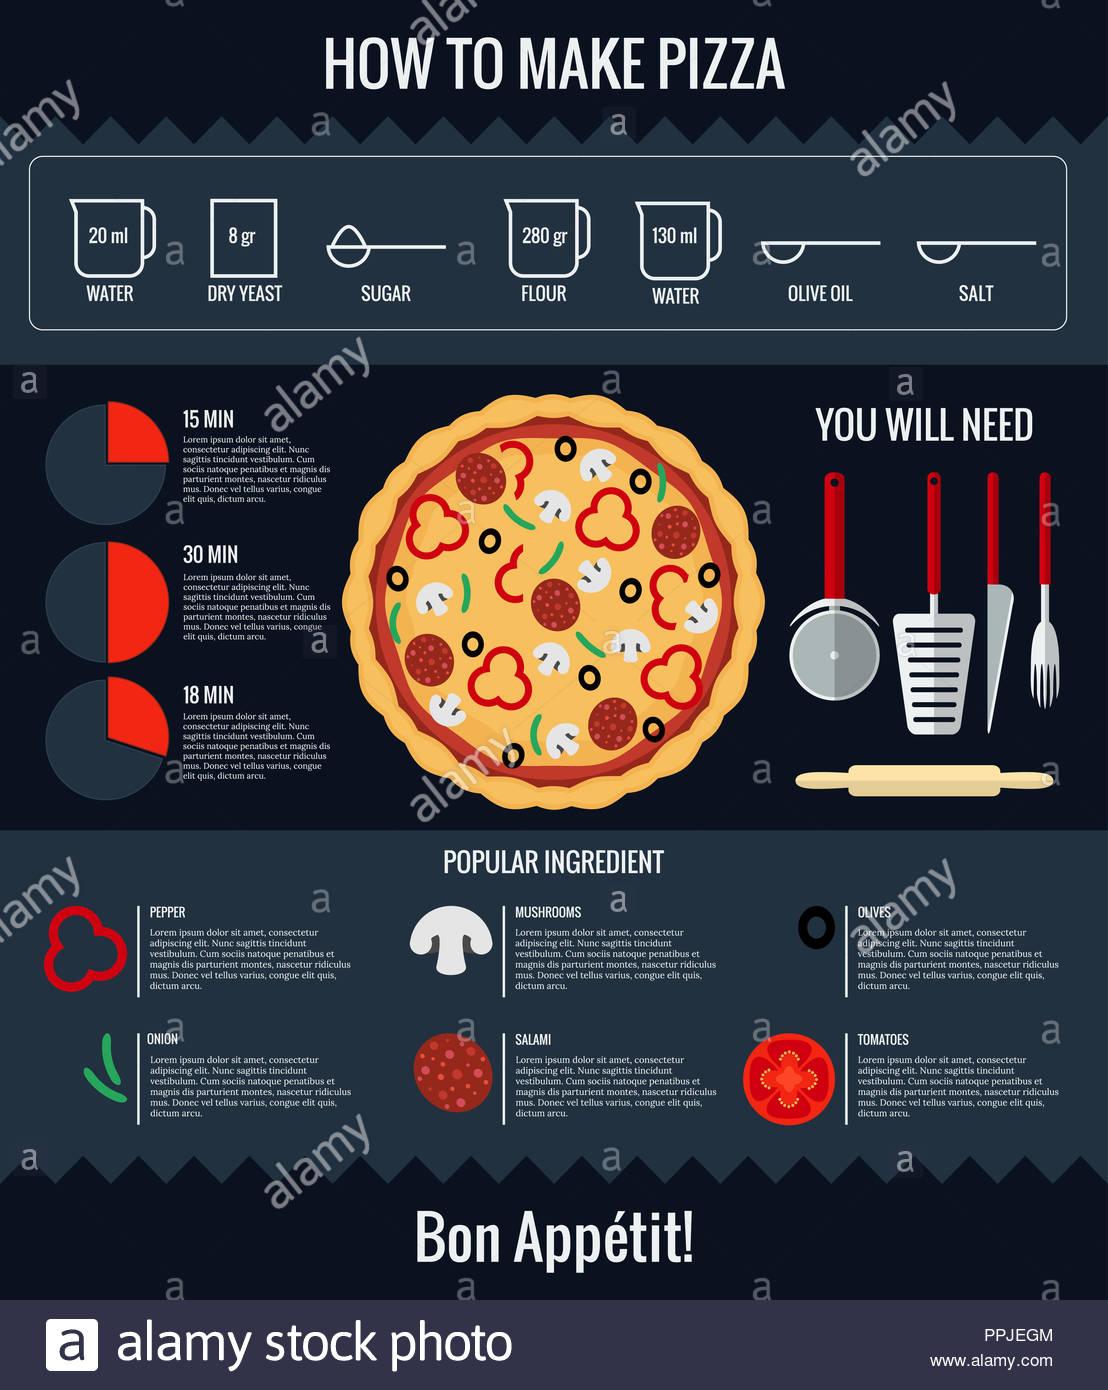 Cómo hacer pizza. Piso moderno diseño infográfico. Receta de ...